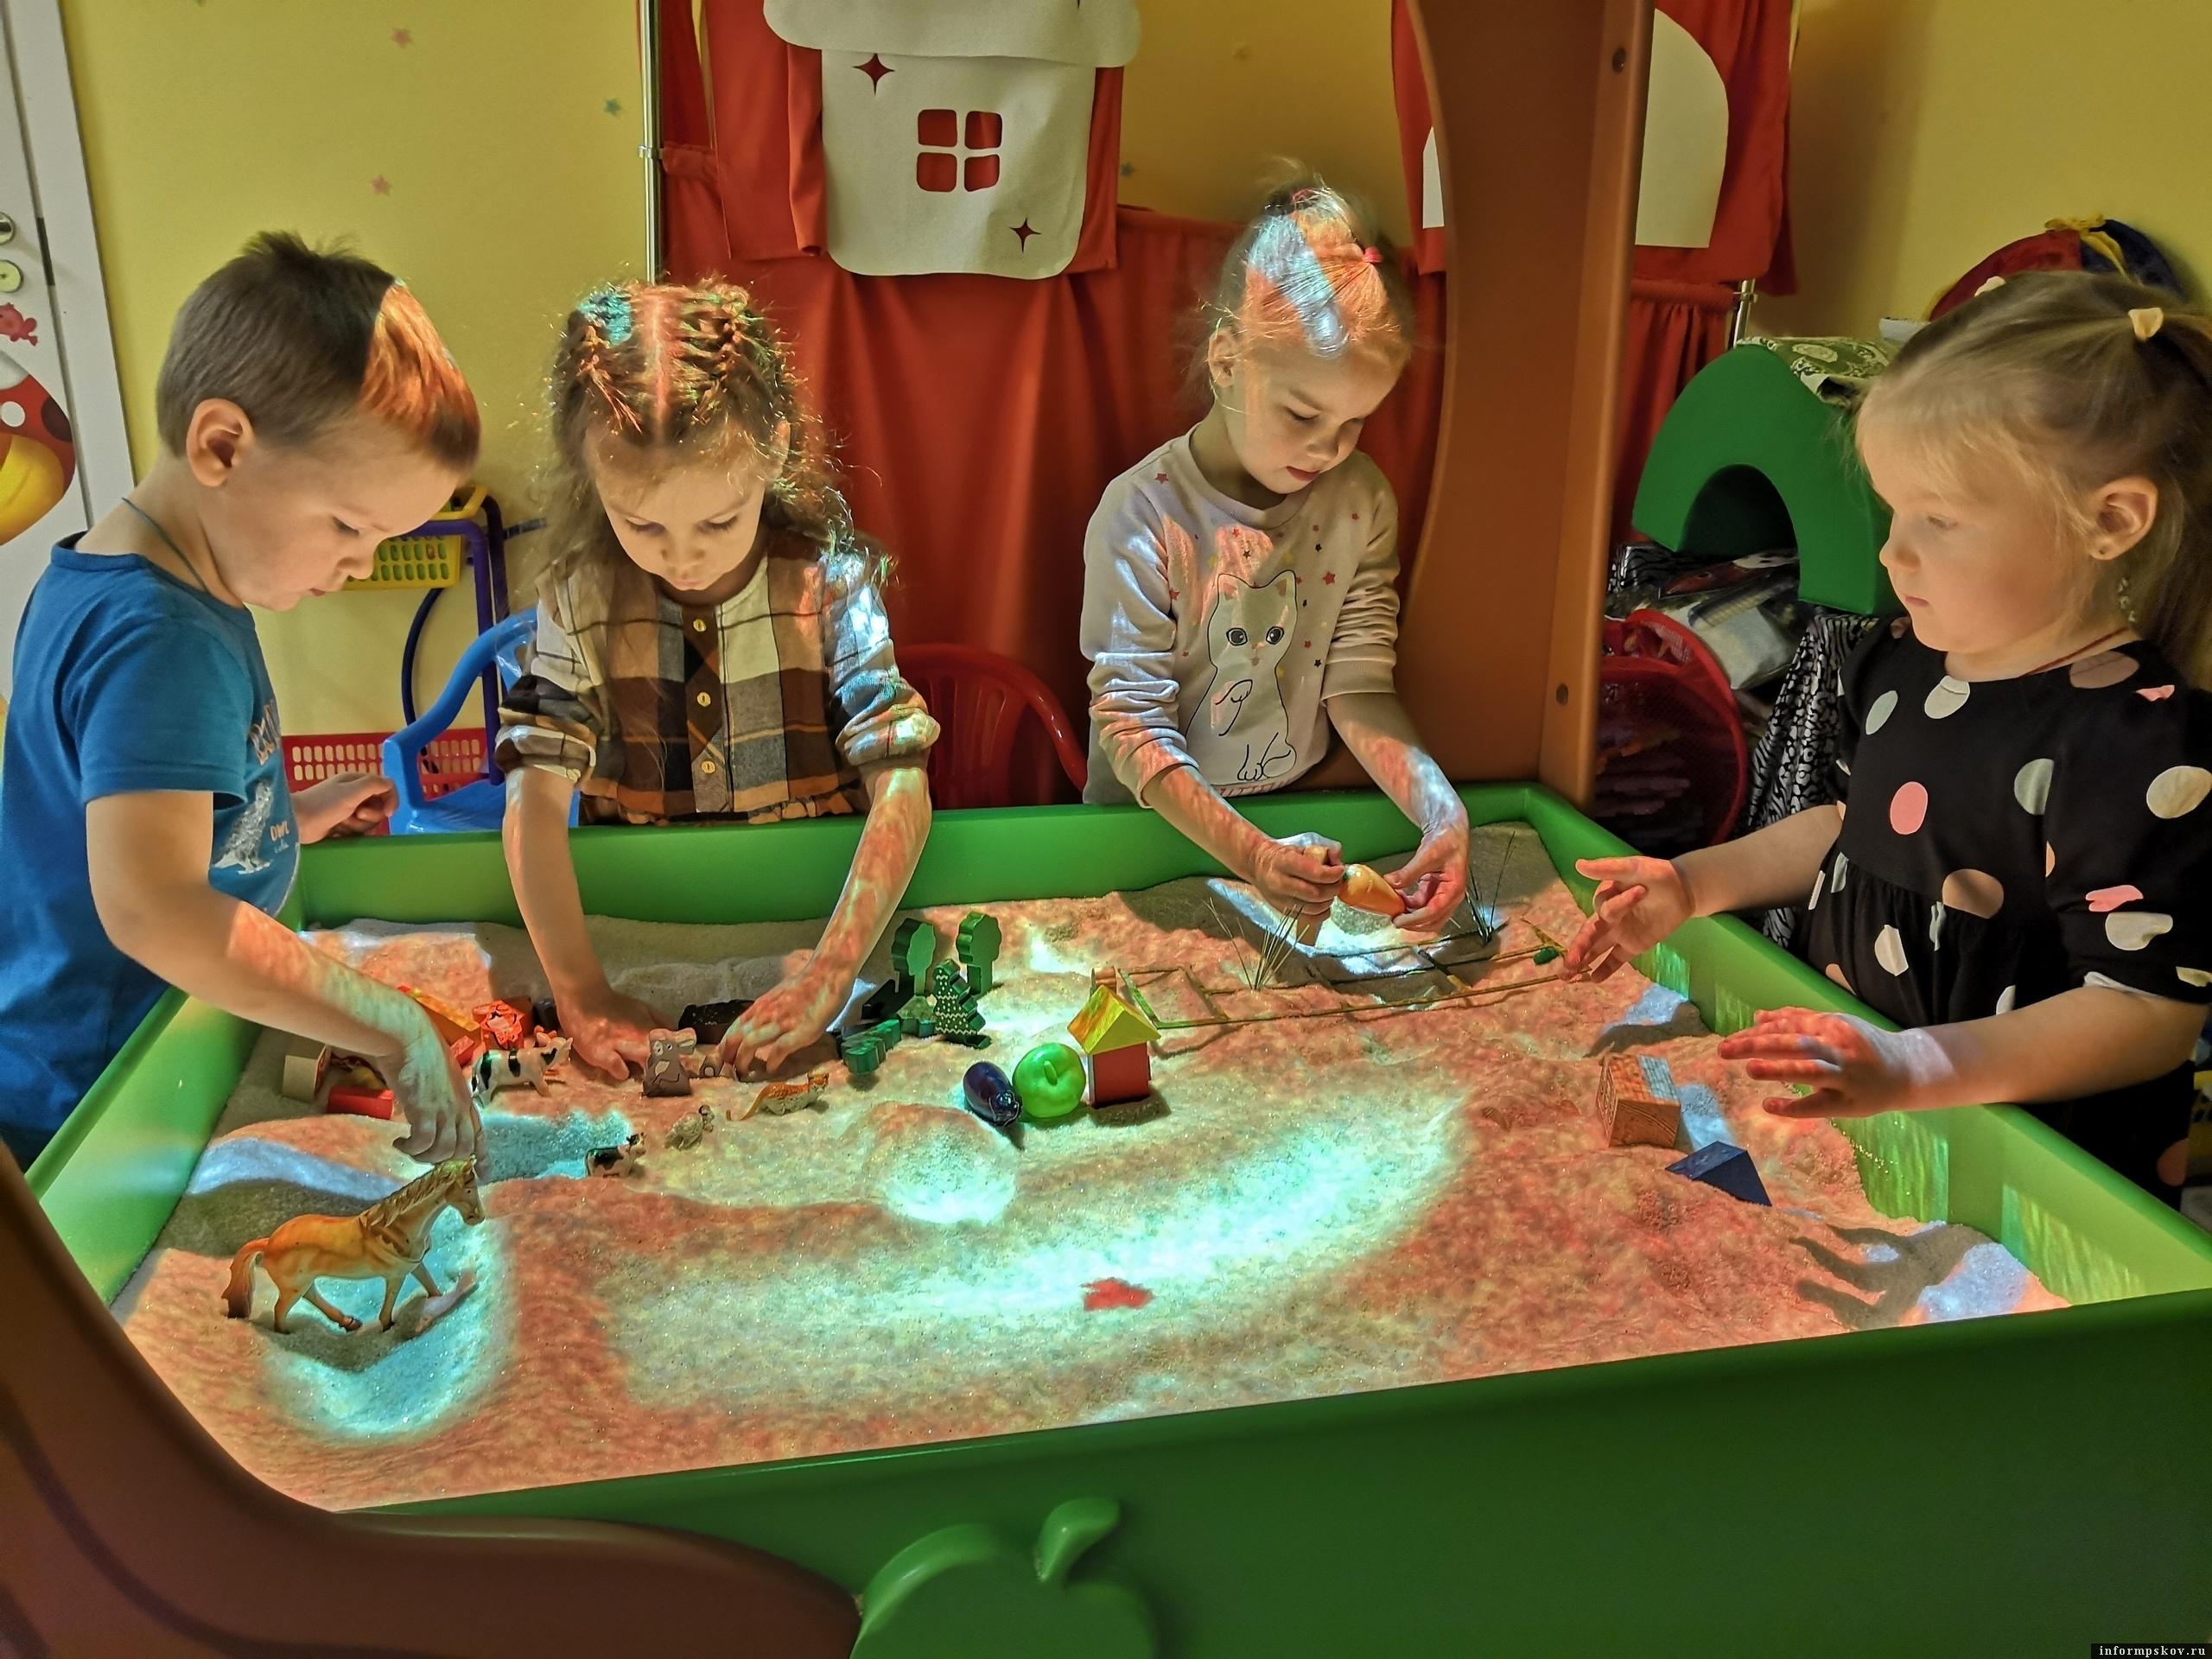 Предприниматель создала в Пскове детский центр с инновационным оборудованием. Фото детского клуба «Играй и развивайся».